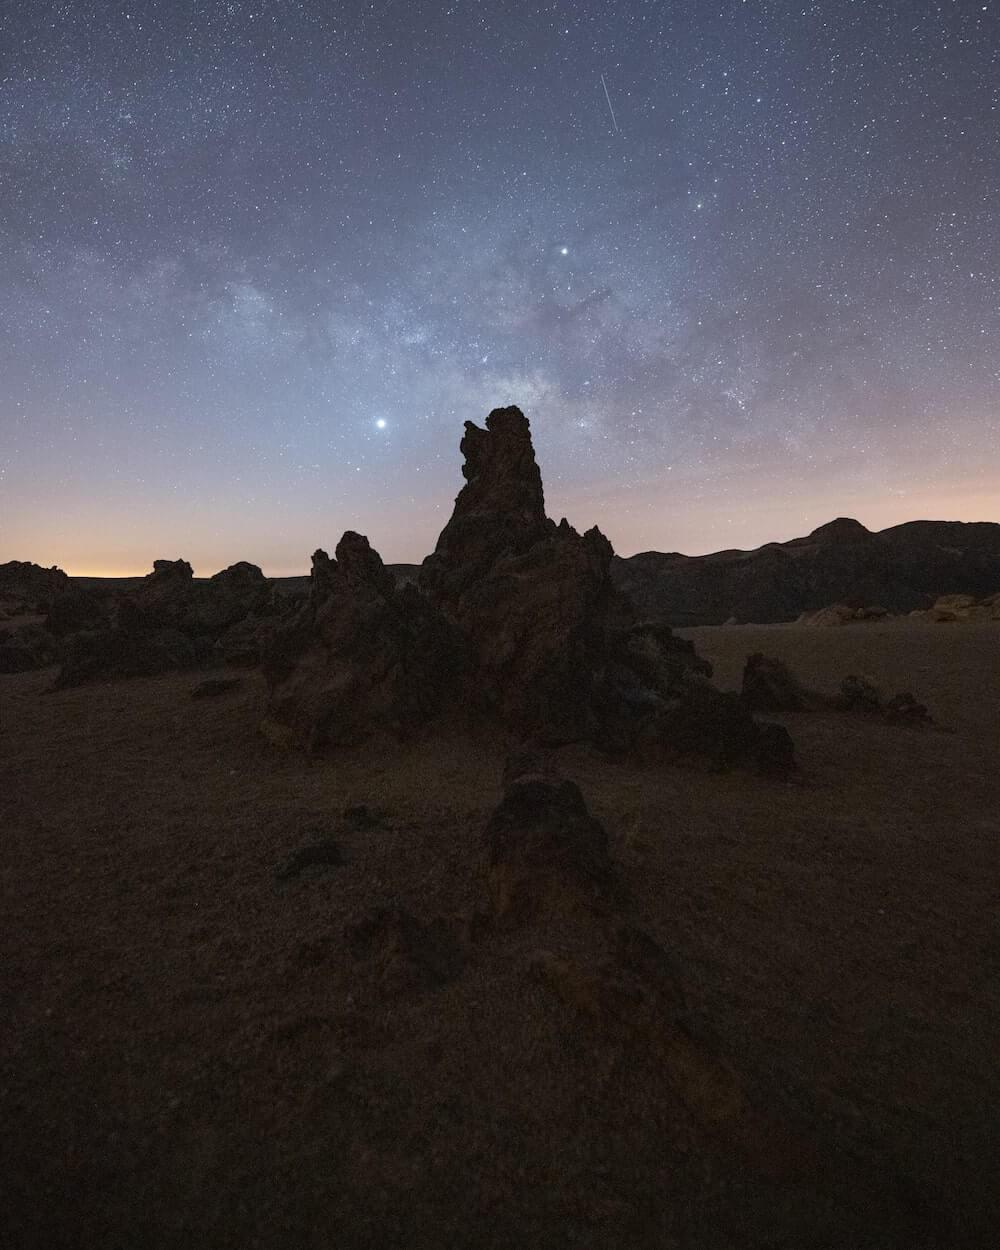 摄影教程_Fabio Antenore-超级真实银河系夜景风光摄影及后期附扩展素材-中英字幕 摄影教程 _预览图3